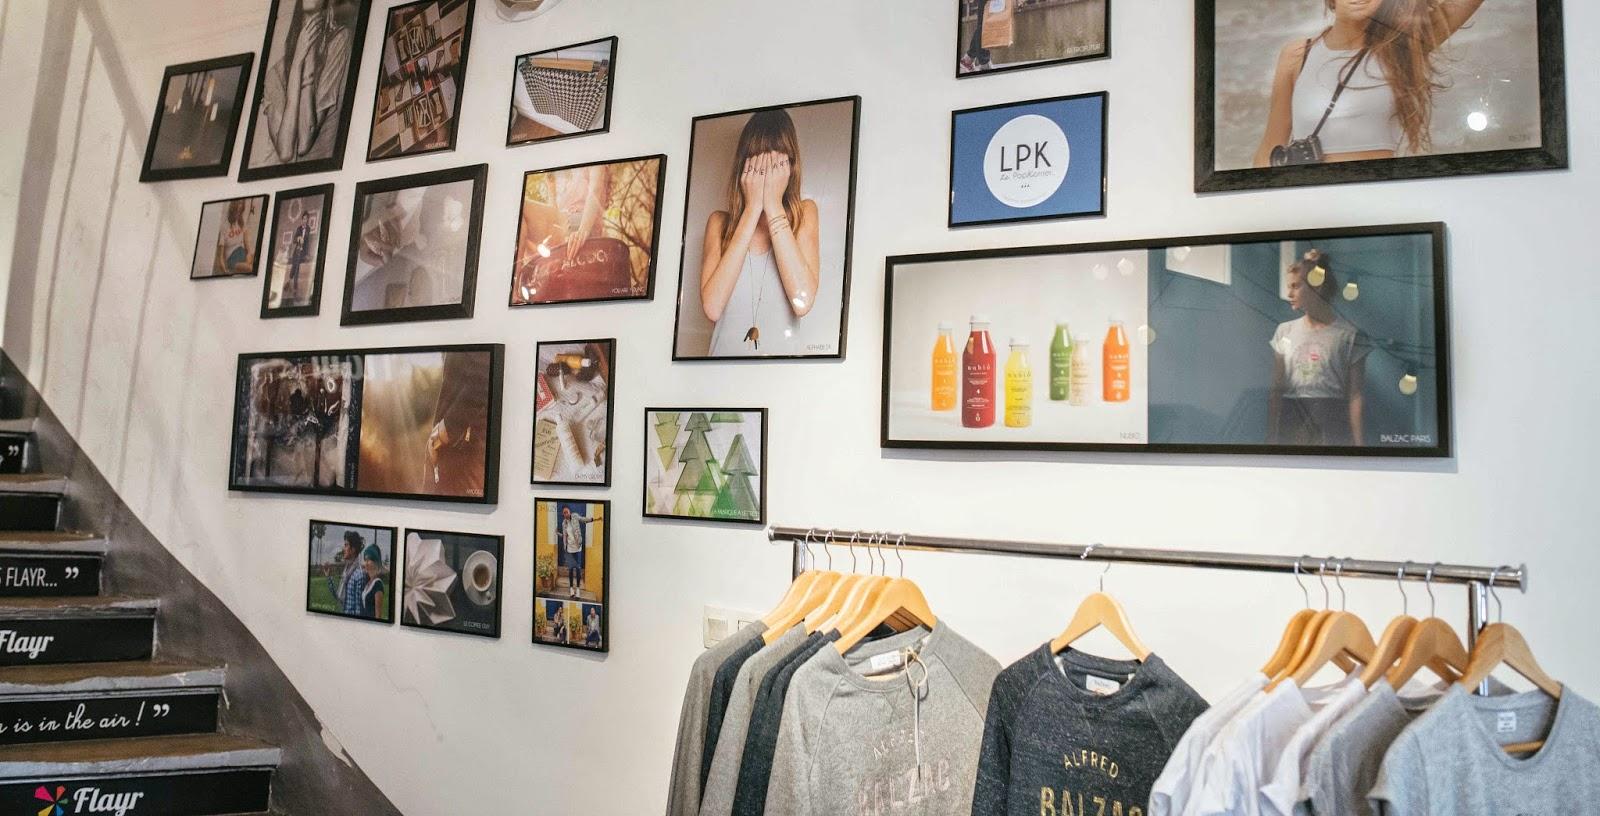 Falyr, apple ibeacon, ibeacon, pop-up store, magasin connecté, shopping, eshop, magasin en ligne, du dessin aux podiums, dudessinauxpodiums, idées, idées cadeaux, idées cadeaux noel, idées cadeau noel